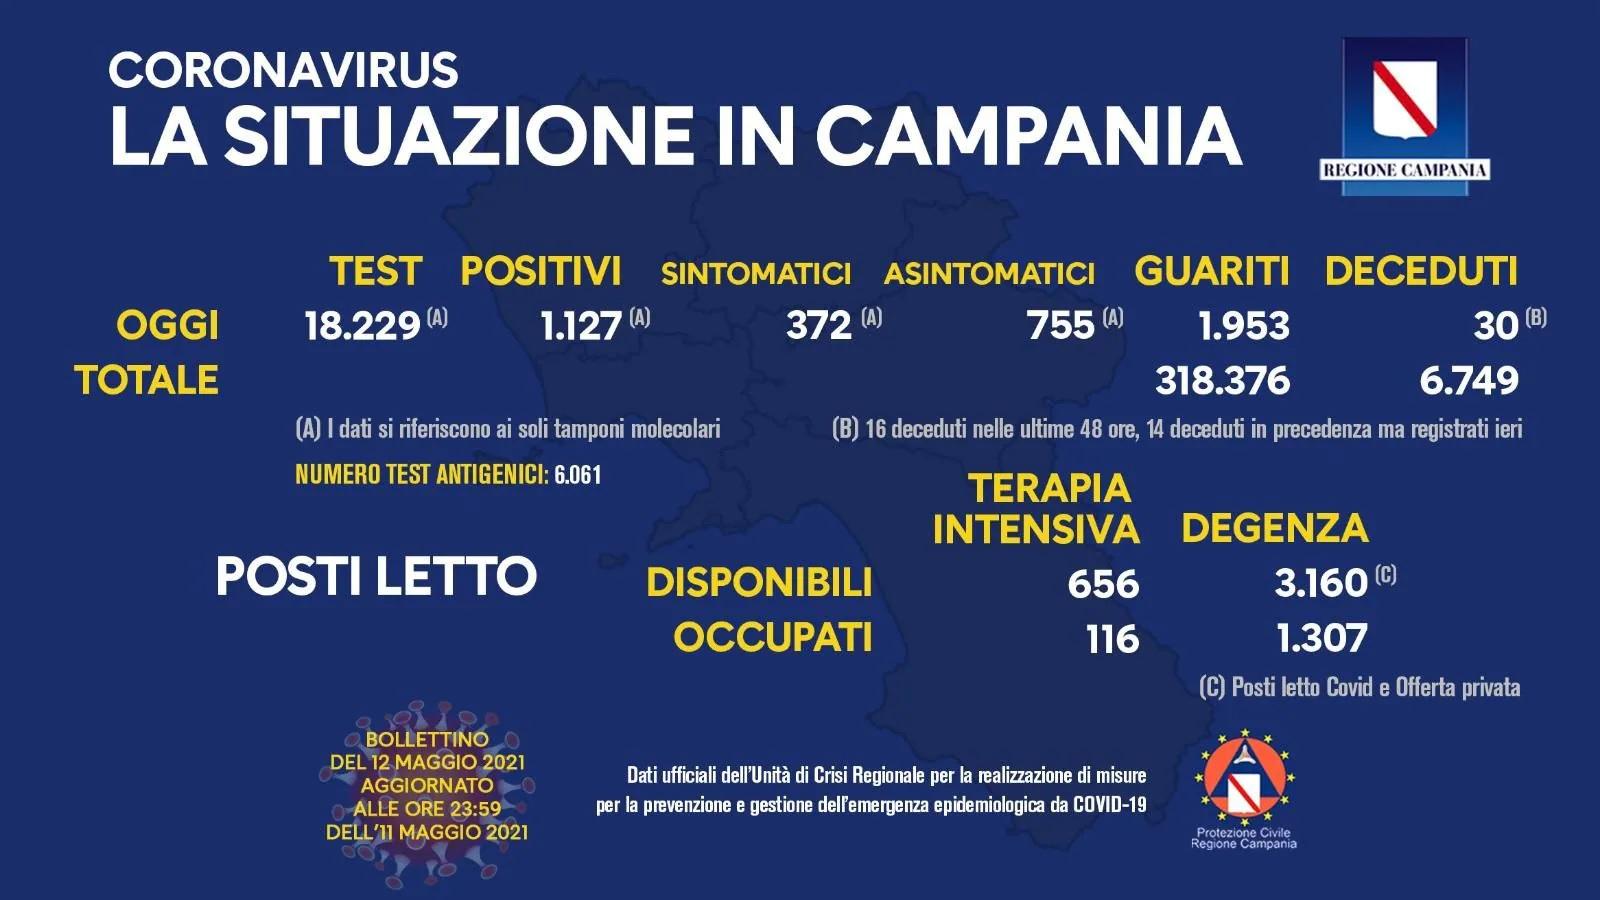 Coronavirus in Campania, dati dell'11 maggio: 1.127 positivi